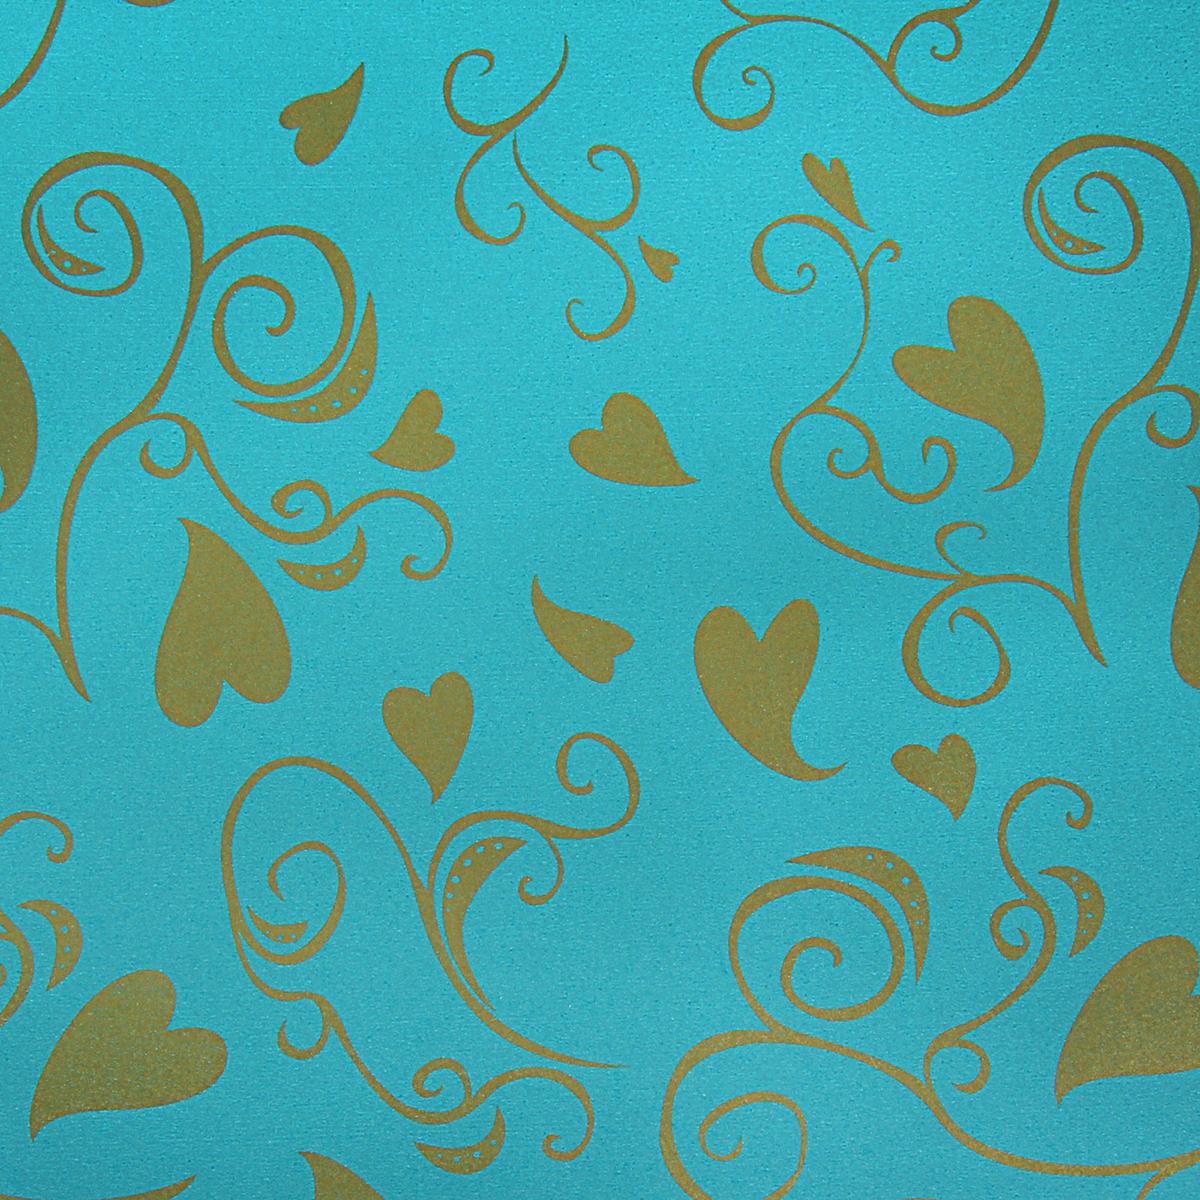 Бумага упаковочная Любовь, 53 см х 10 м. 29663602966360Любой подарок начинается с упаковки. Что может быть трогательнее и волшебнее, чем ритуал разворачивания полученного презента. И именно оригинальная, со вкусом выбранная упаковка выделит ваш подарок из массы других. Она продемонстрирует самые тёплые чувства к виновнику торжества и создаст сказочную атмосферу праздника. — это то, что вы искали.